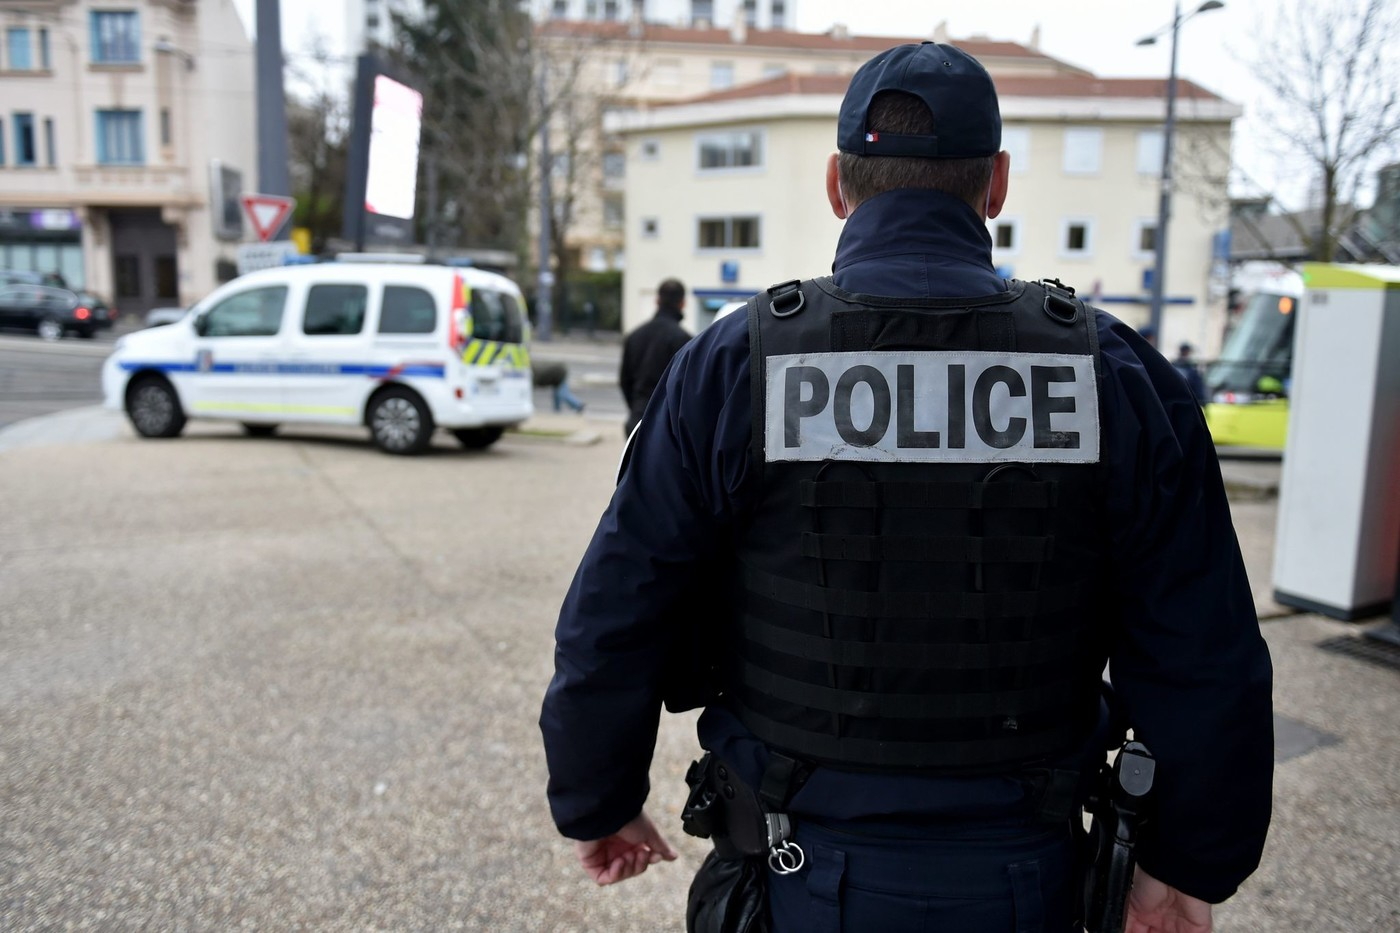 France : Deux policiers attaqués et blessés avec leurs propres armes